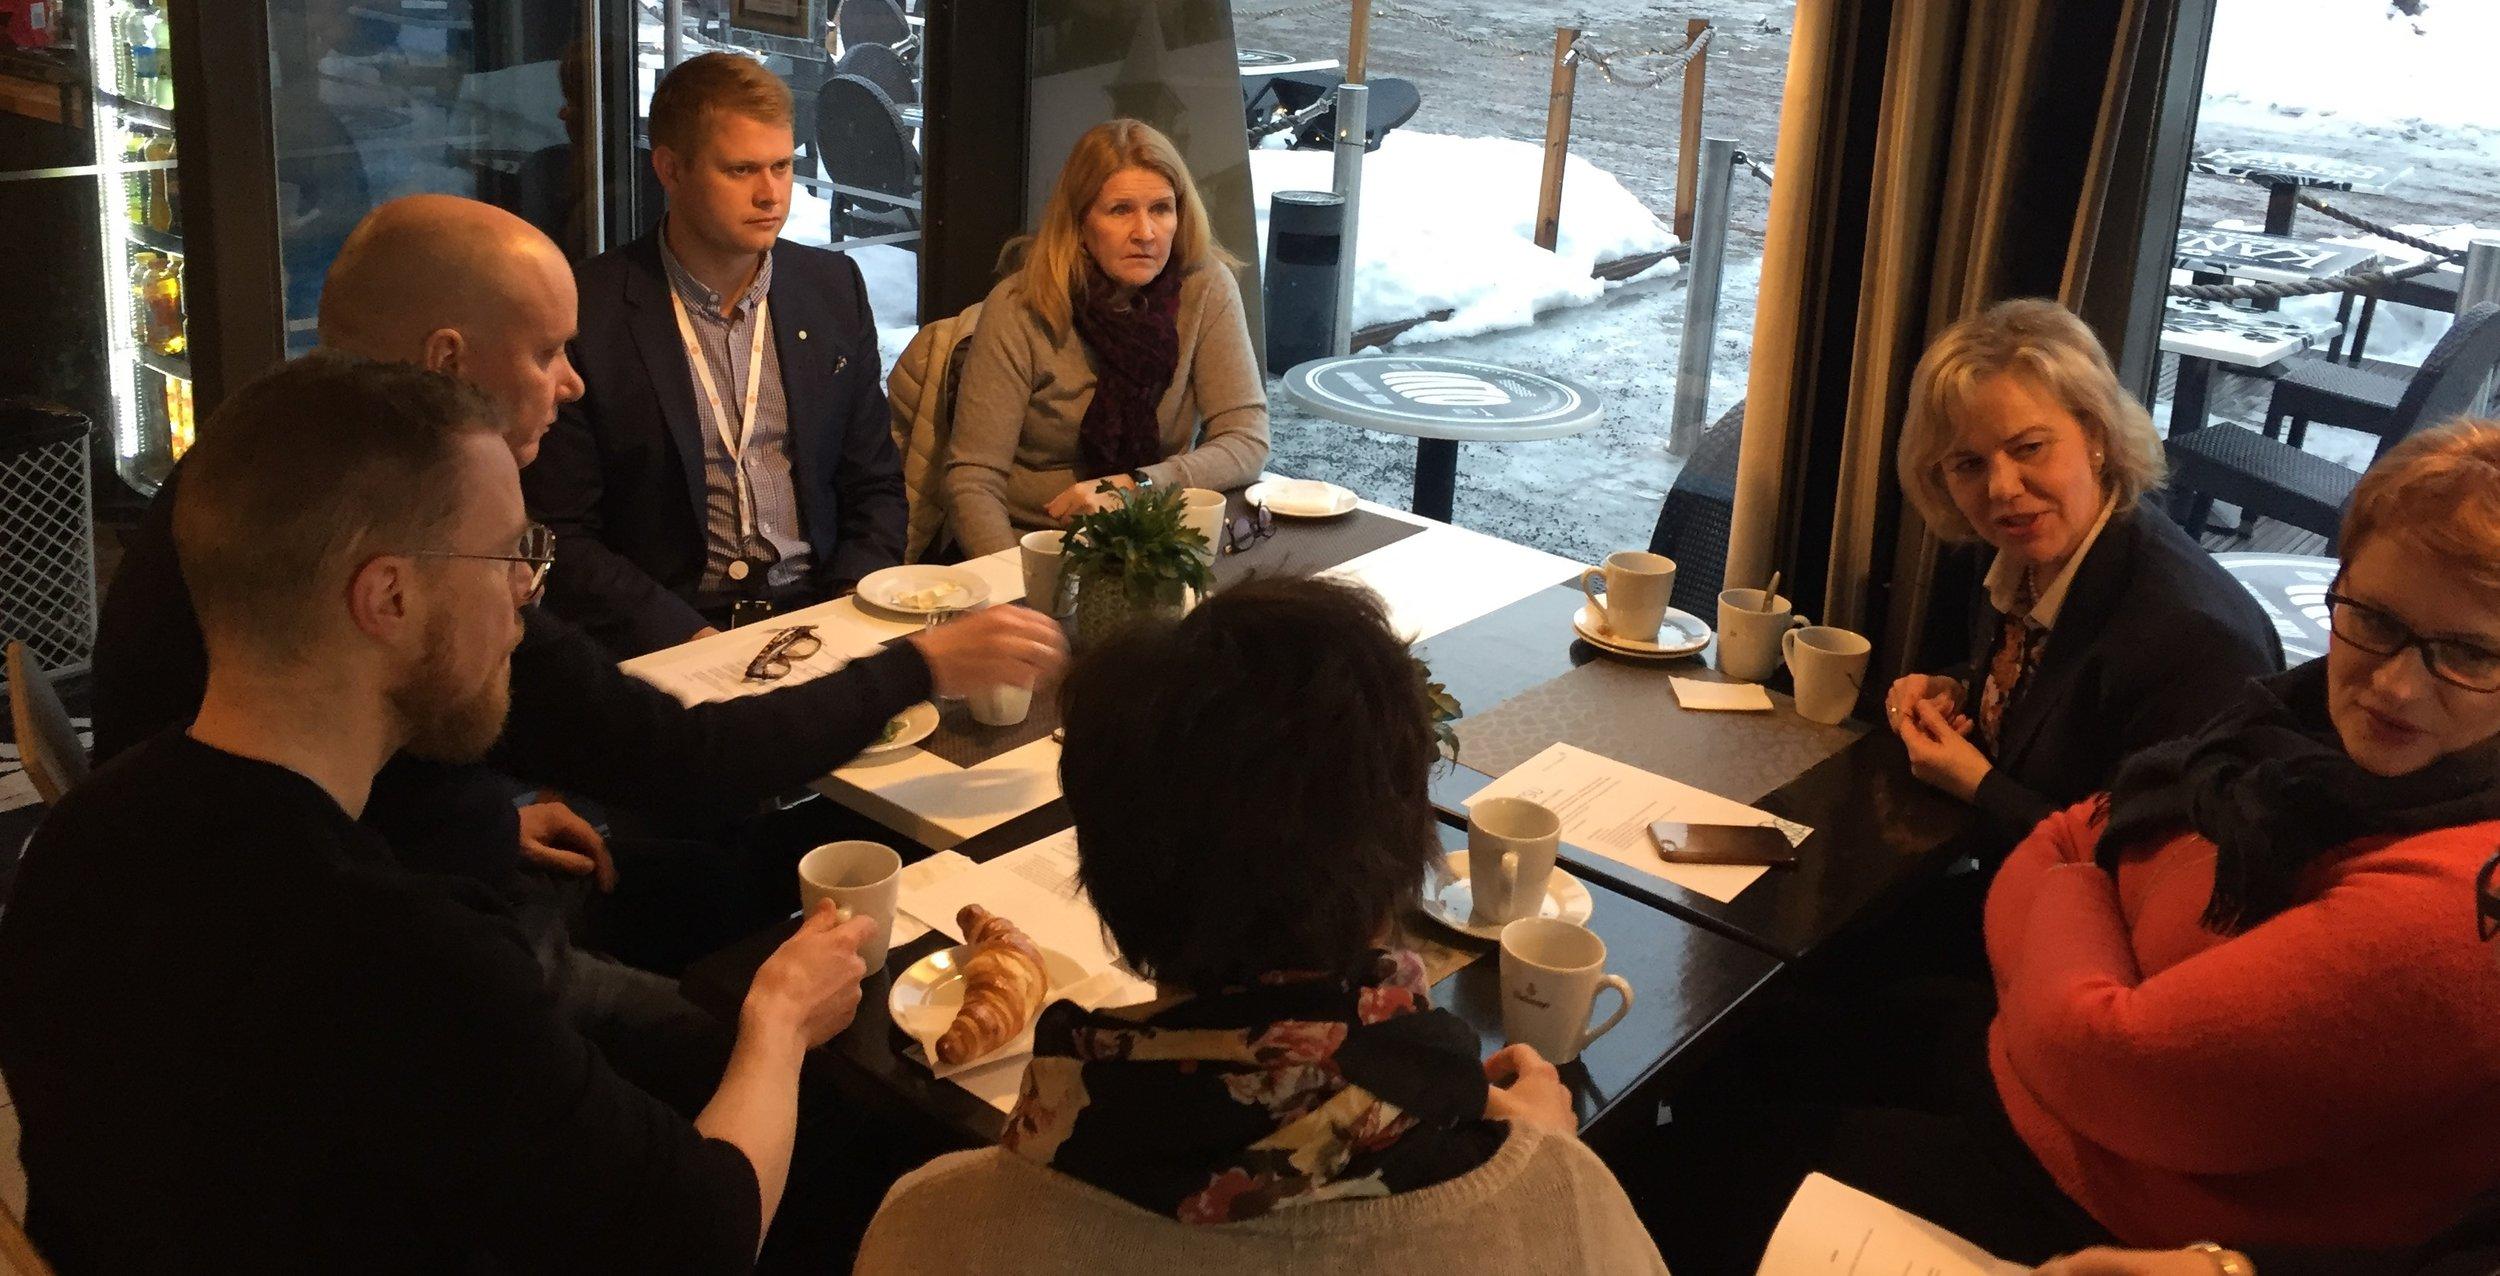 Pöydän ympärillä ovat vasemmalta alkaen Vesa Orhala, Petri Piipari, puheenjohtaja Matti Arola, Päivi Leijamaa, Kirsi Tuomala, Sari Puhilas ja Anne Sjögren.